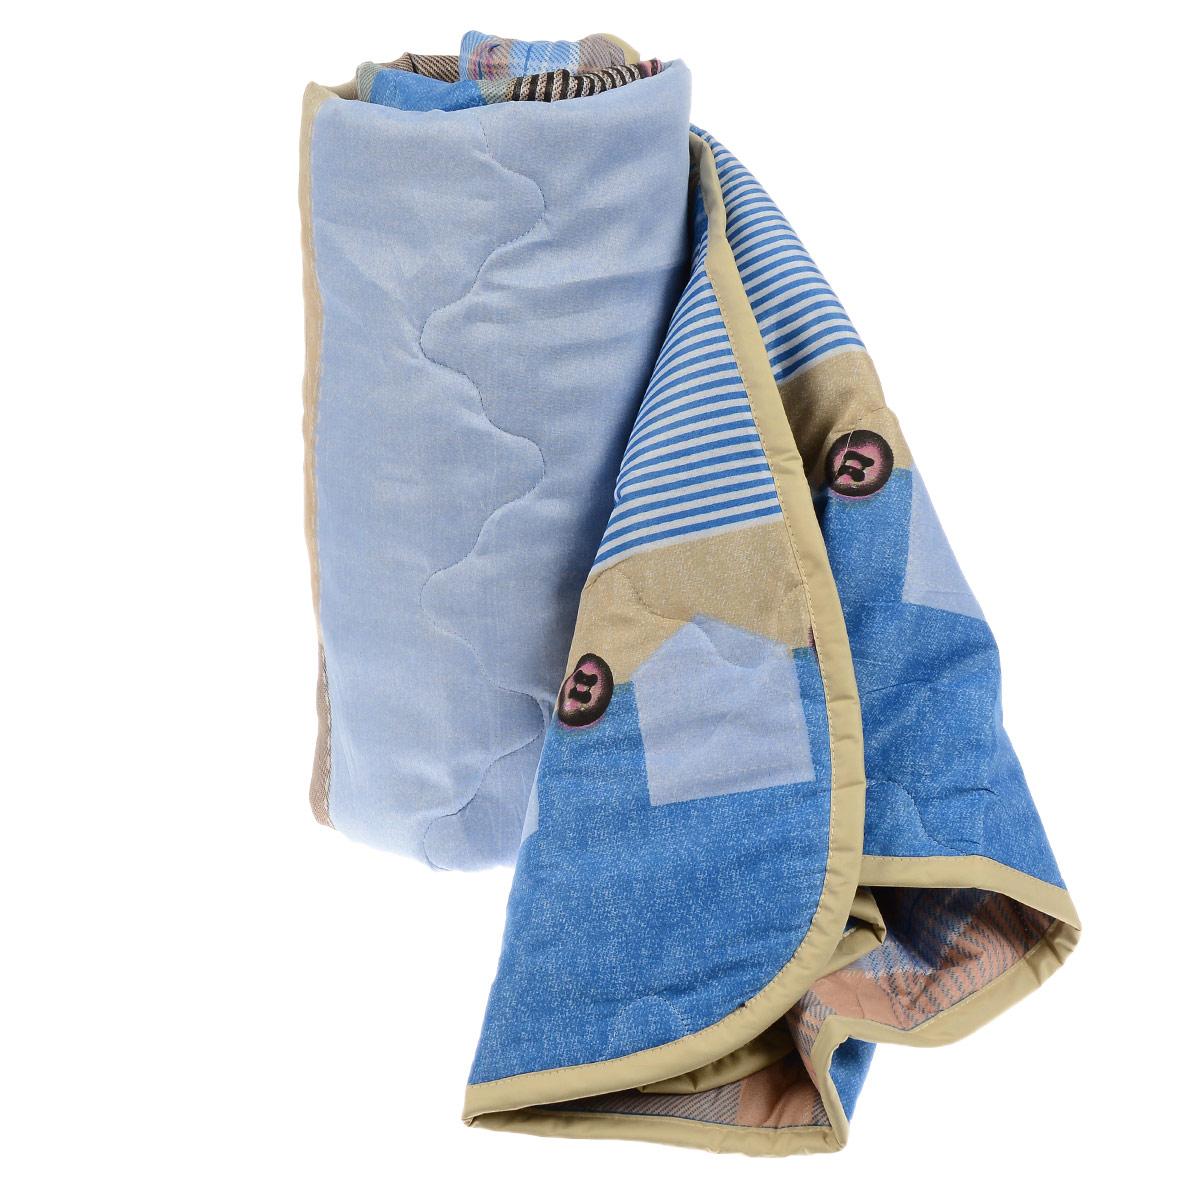 Одеяло всесезонное OL-Tex Miotex, наполнитель: полиэфирное волокно Holfiteks, цвет: голубой, бежевый, 140 см х 205 смМХПЭ-15-3 голубойВсесезонное одеяло OL-Tex Miotex создаст комфорт и уют во время сна. Стеганый чехол выполнен из полиэстера и оформлен красочным рисунком. Внутри - современный наполнитель из полиэфирного высокосиликонизированного волокна Holfiteks, упругий и качественный. Холфитекс - современный экологически чистый синтетический материал, изготовленный по новейшим технологиям. Его уникальность заключается в расположении волокон, которые позволяют моментально восстанавливать форму и сохранять ее долгое время. Изделия с использованием Холфитекса очень удобны в эксплуатации - их можно часто стирать без потери потребительских свойств, они быстро высыхают, не впитывают запахов и совершенно гиппоаллергенны. Холфитекс также обеспечивает хорошую терморегуляцию, поэтому изделия с наполнителем из холфитекса очень комфортны в использовании. Одеяло с современным упругим наполнителем Холфитекс порадует вас в любое время года. Оно комфортно согревает и создает отличный микроклимат. За одеялом легко...